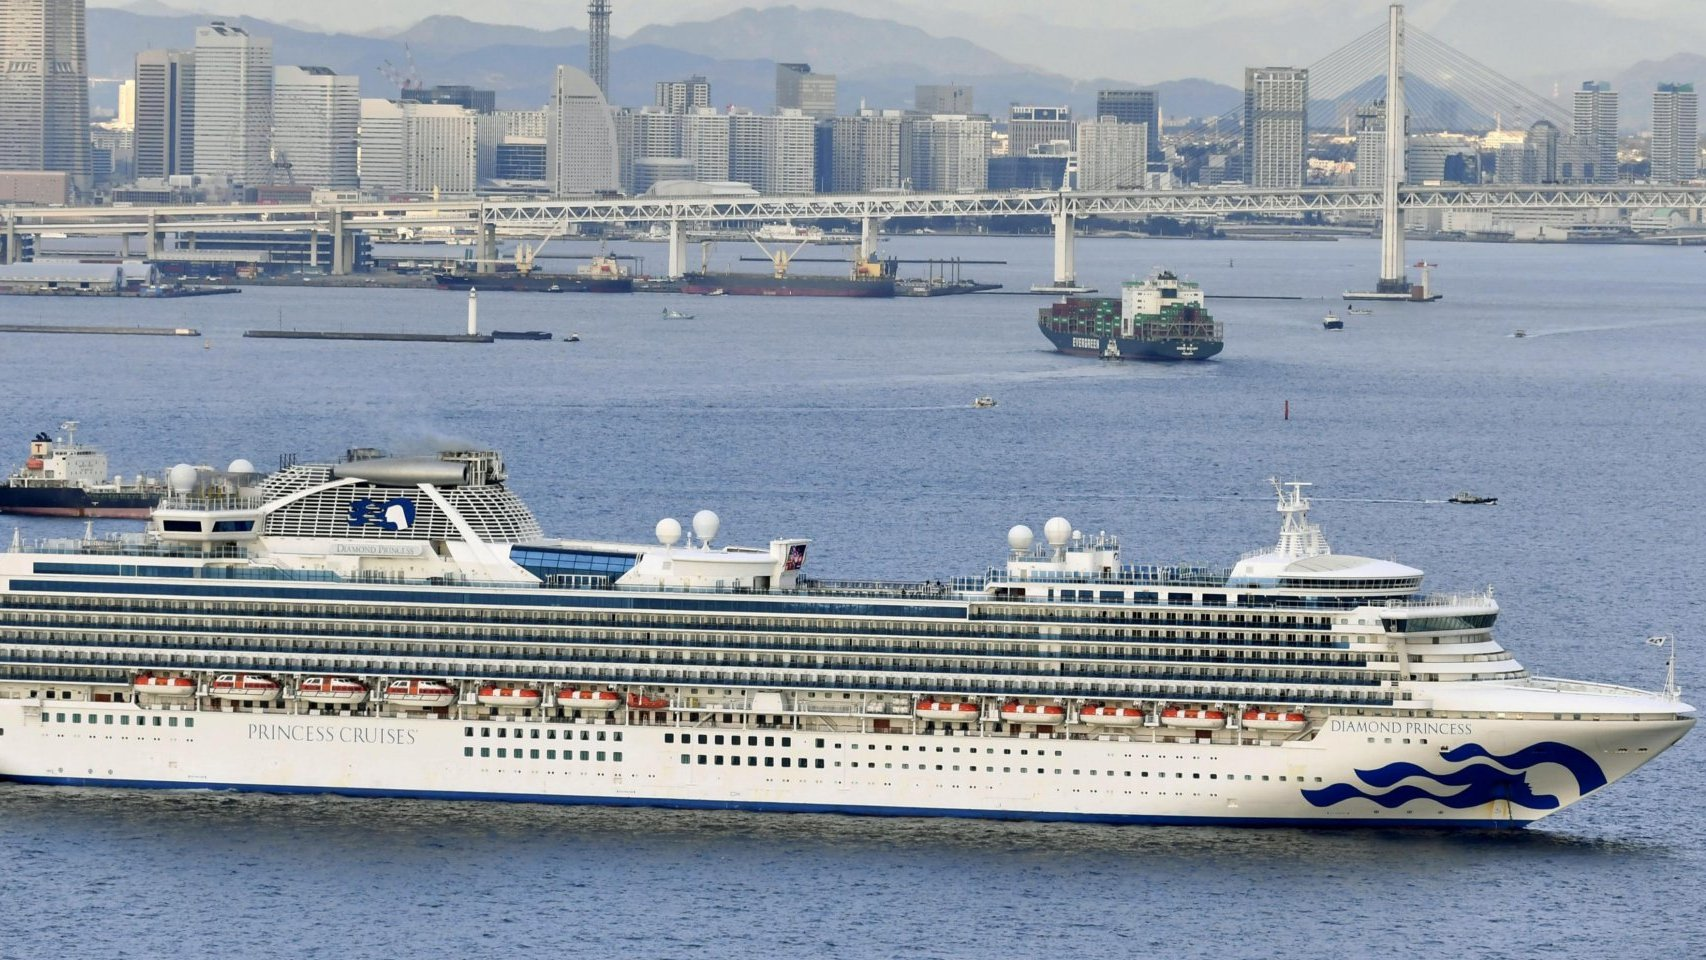 4000 человек застряли на круизном лайнере из-за коронавируса. Как устроен карантин в море